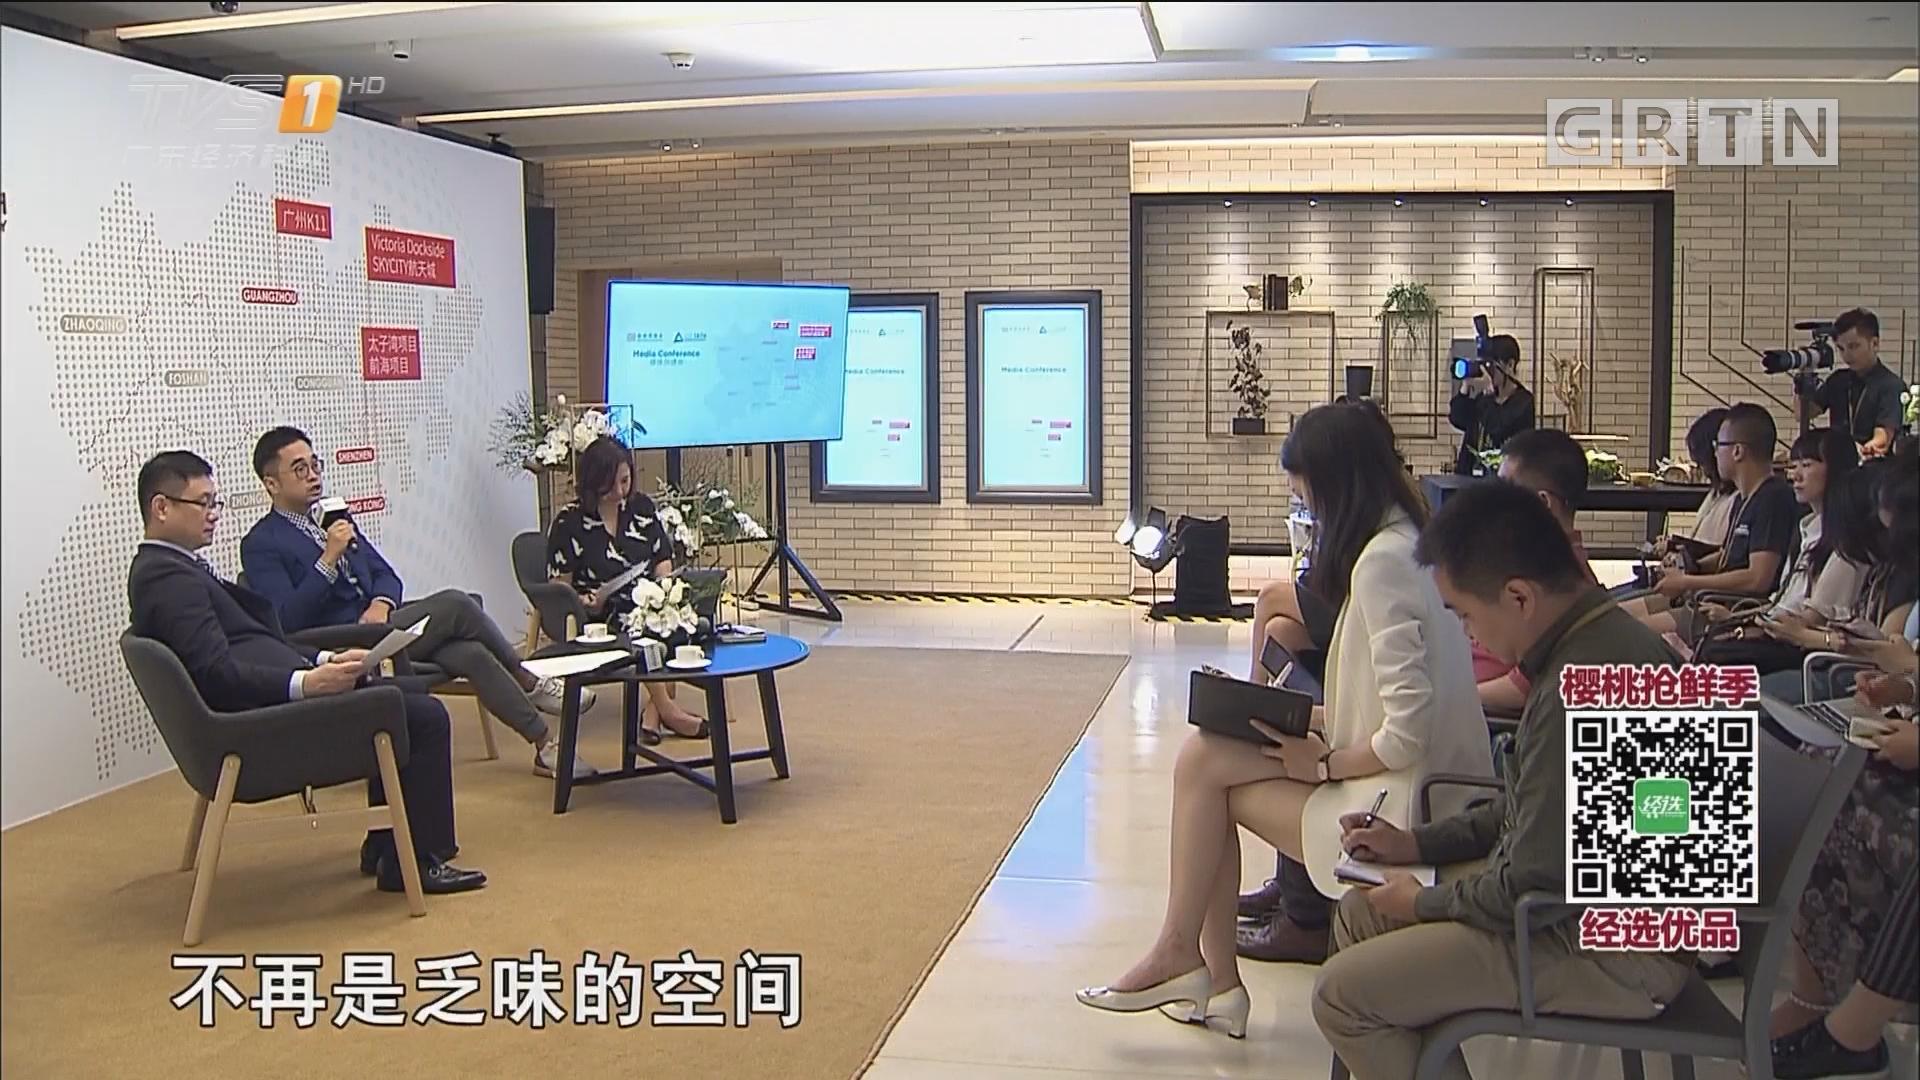 财经对话:改变广州商圈的时尚生态